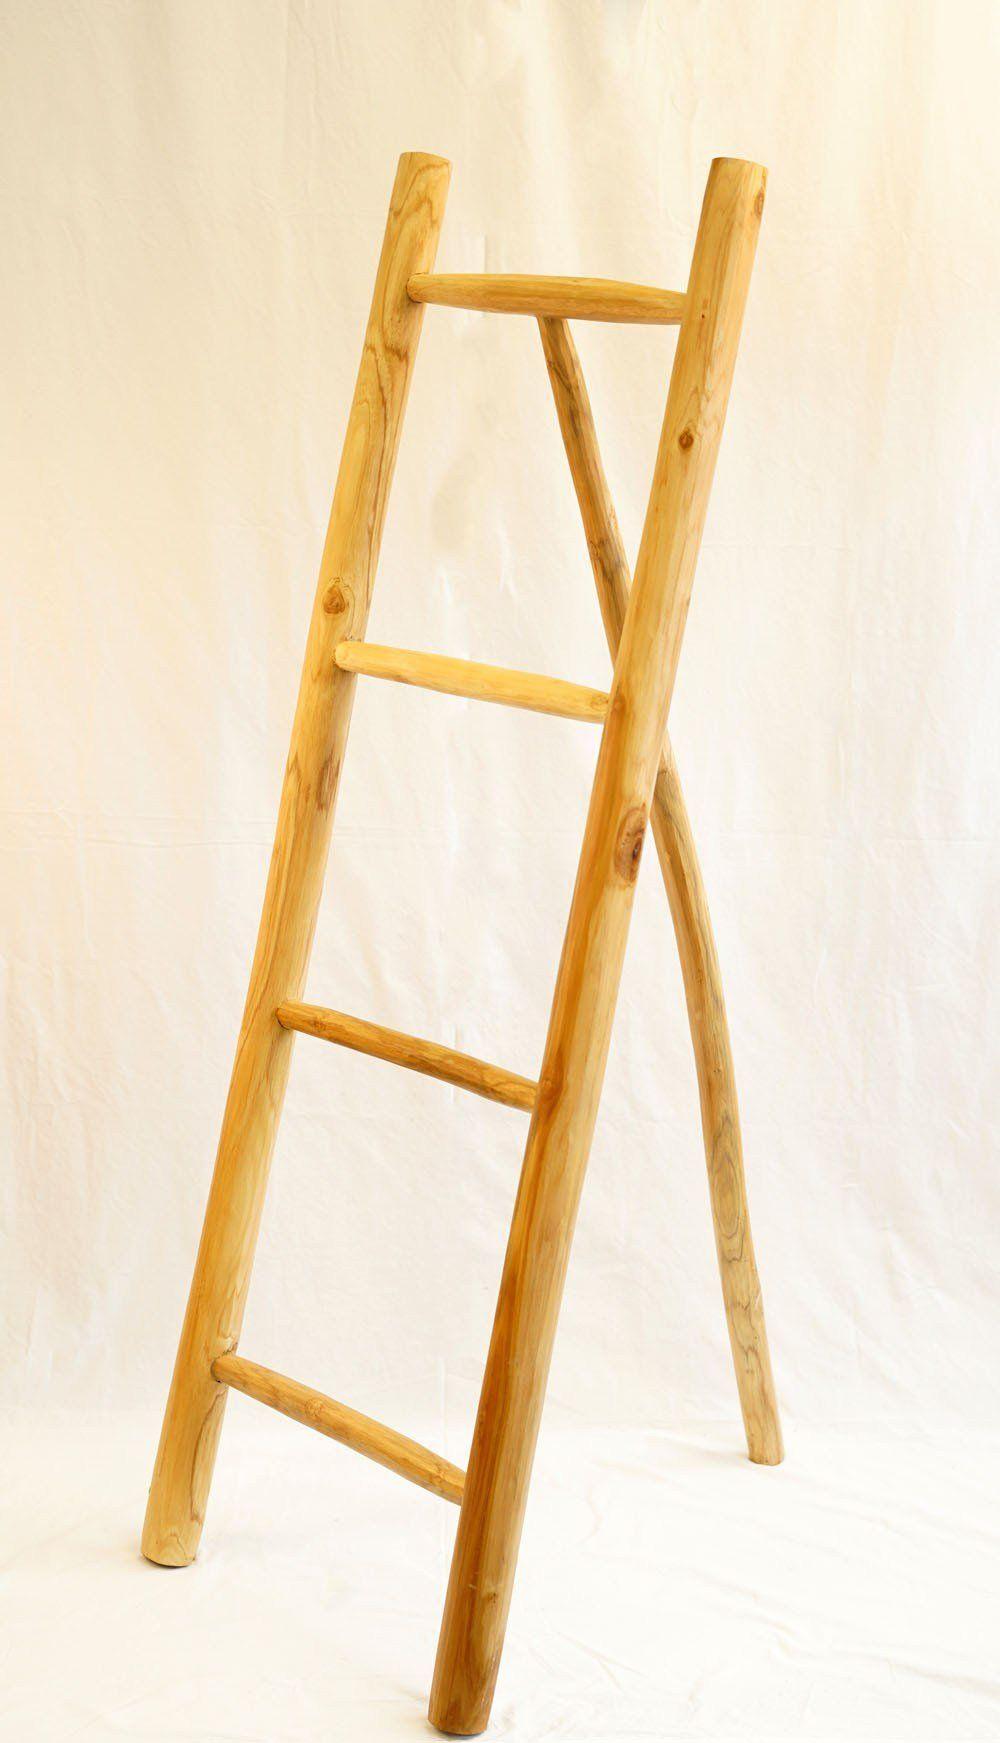 Decoratieve Ladder Sanur In 2021 Houten Ladder Decoratieve Ladders Ladder